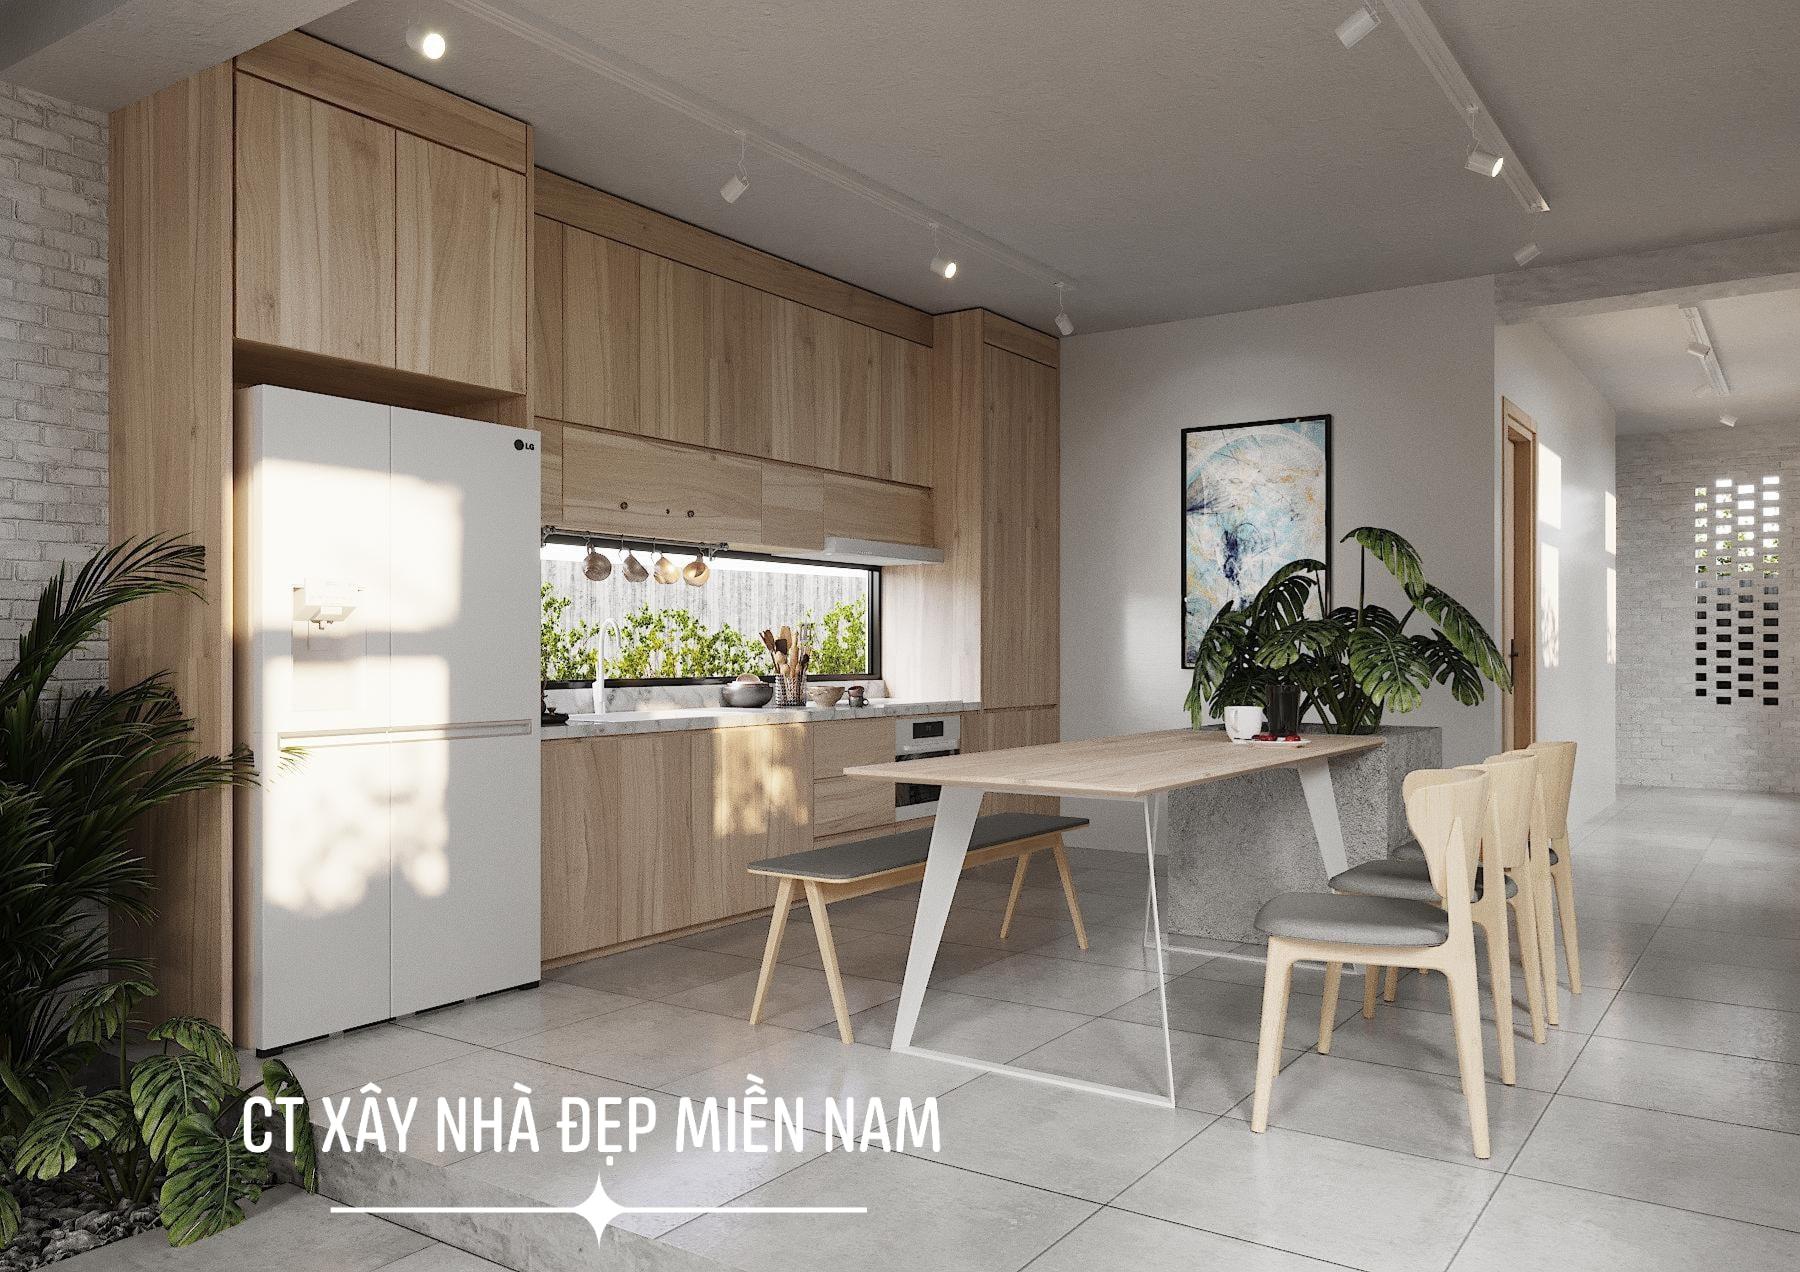 Thiết kế Nhà tại Tiền Giang Cấp 4 Gác Lửng Tiền Giang 1590546993 5